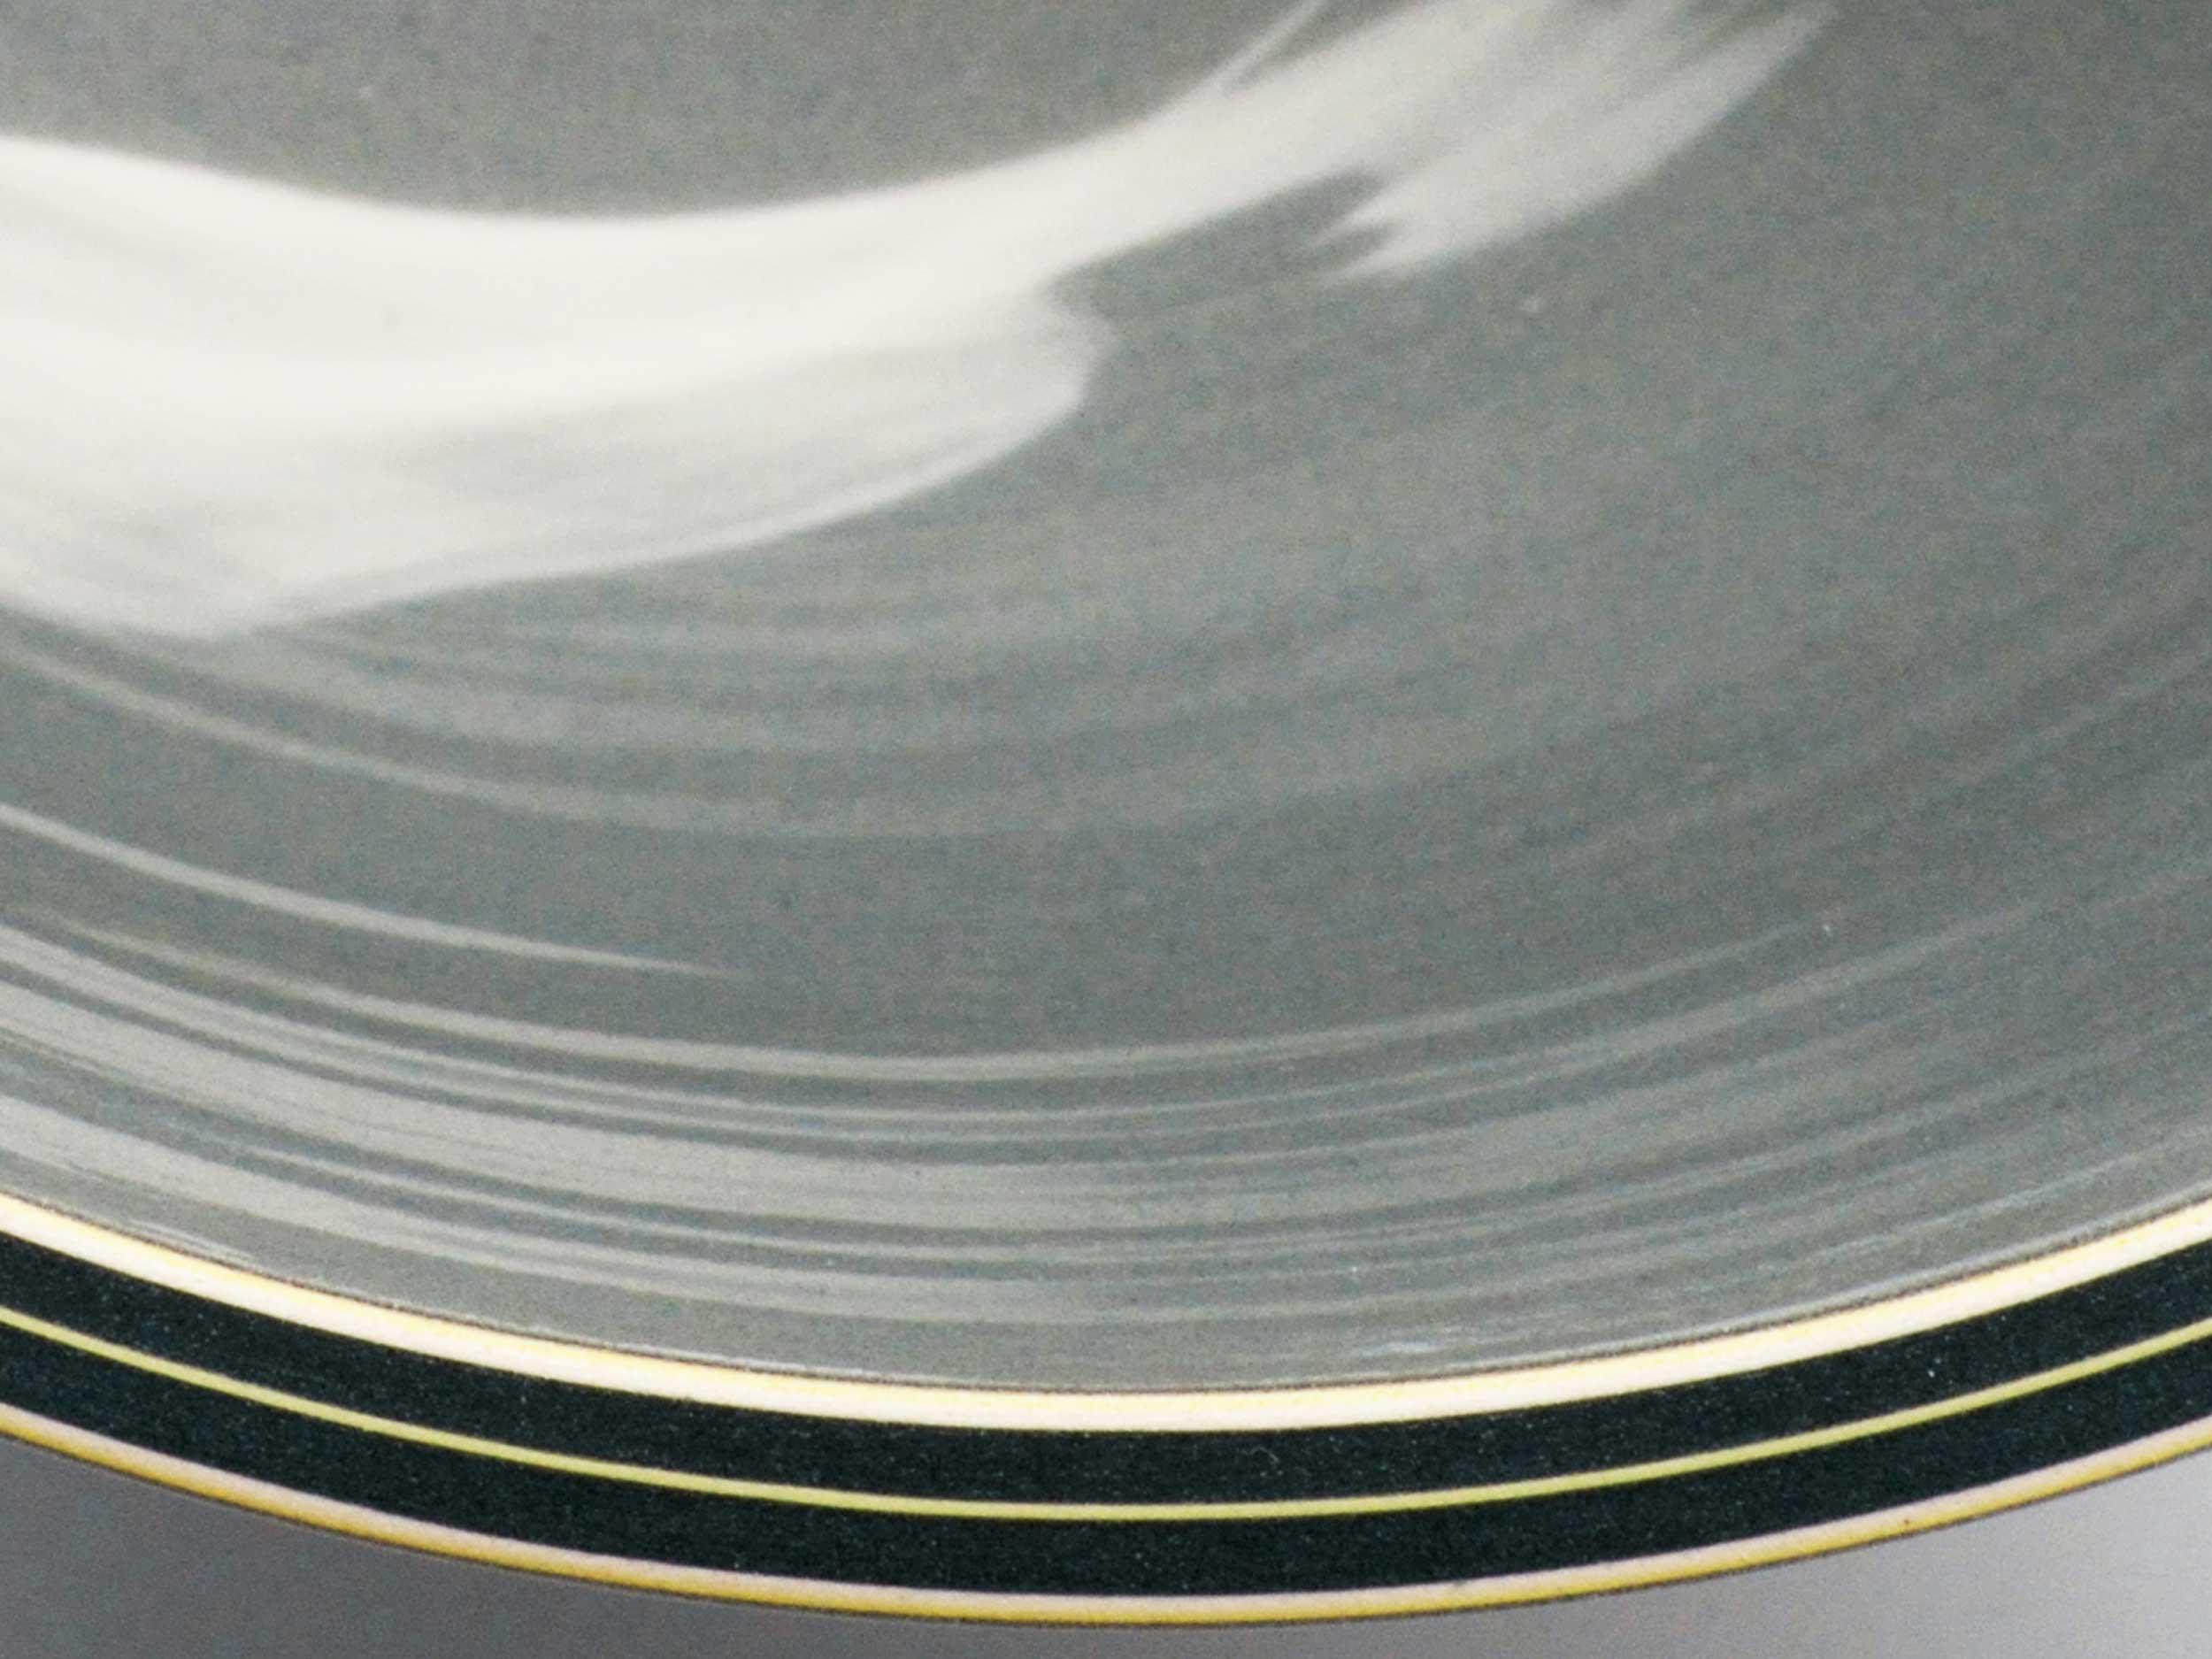 Saturn Rings Design by Rowena Gilbert